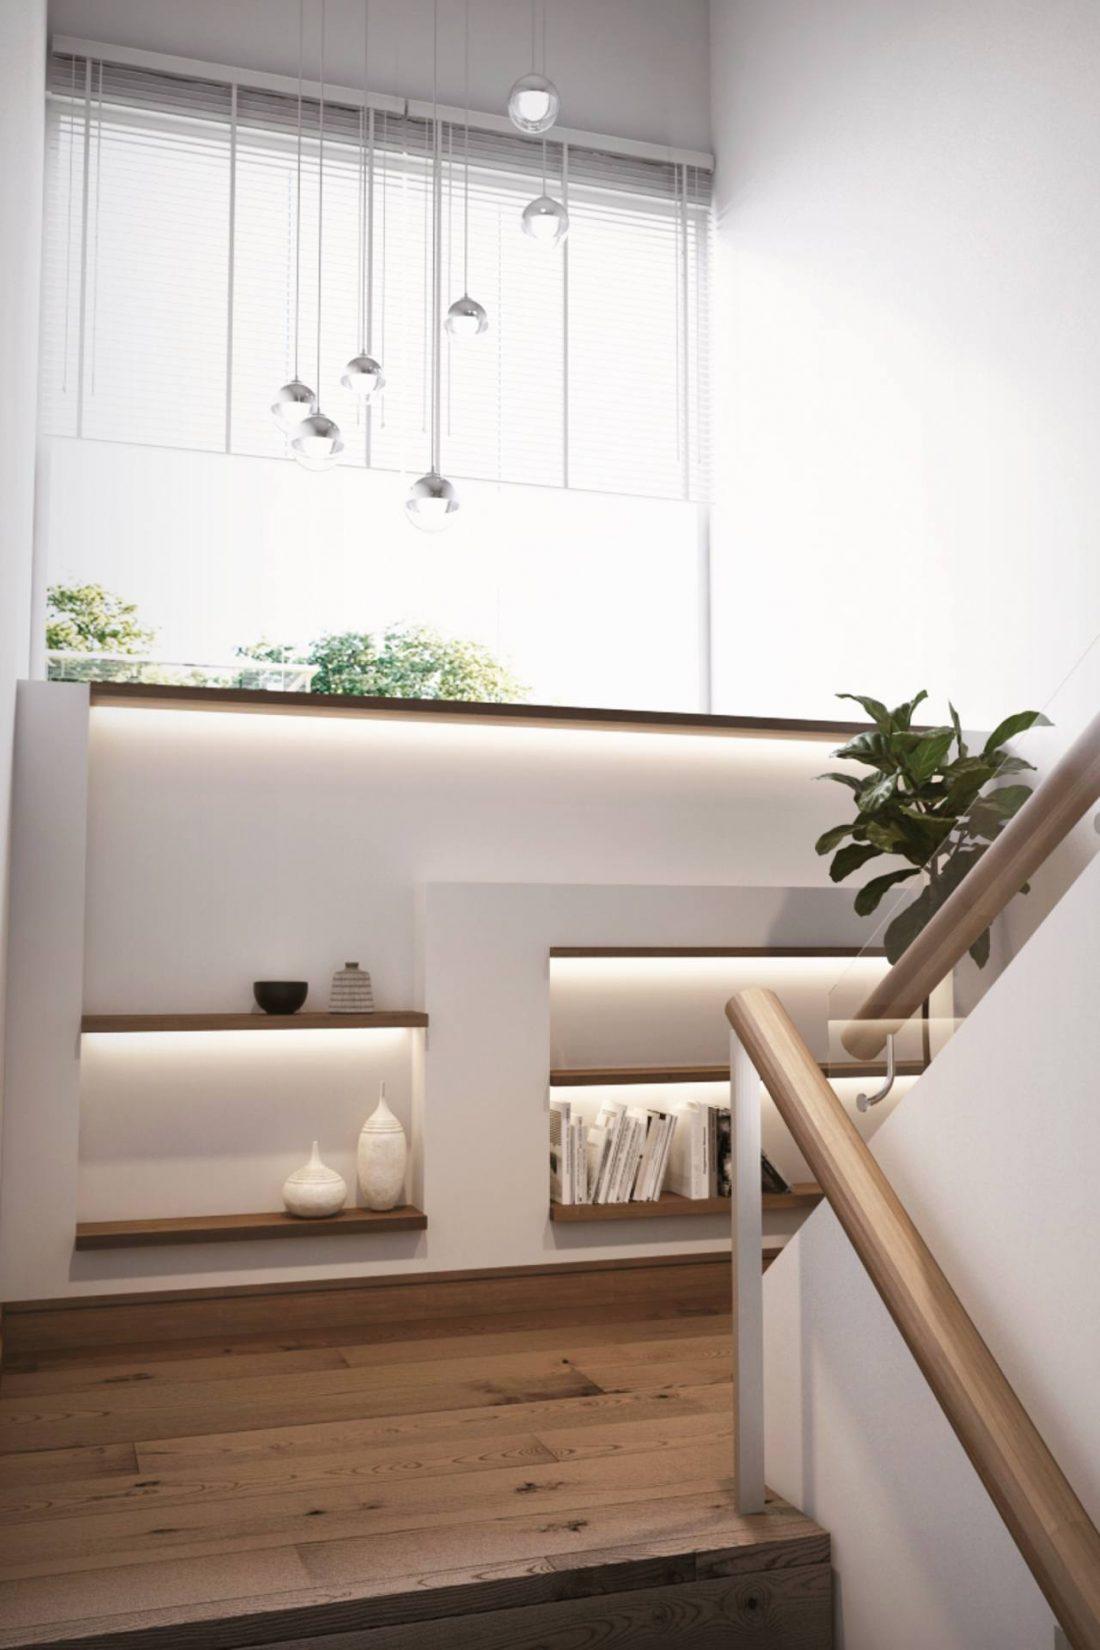 Interior Design Permai Gardens Villas Penang Malaysia Staircase Design v1